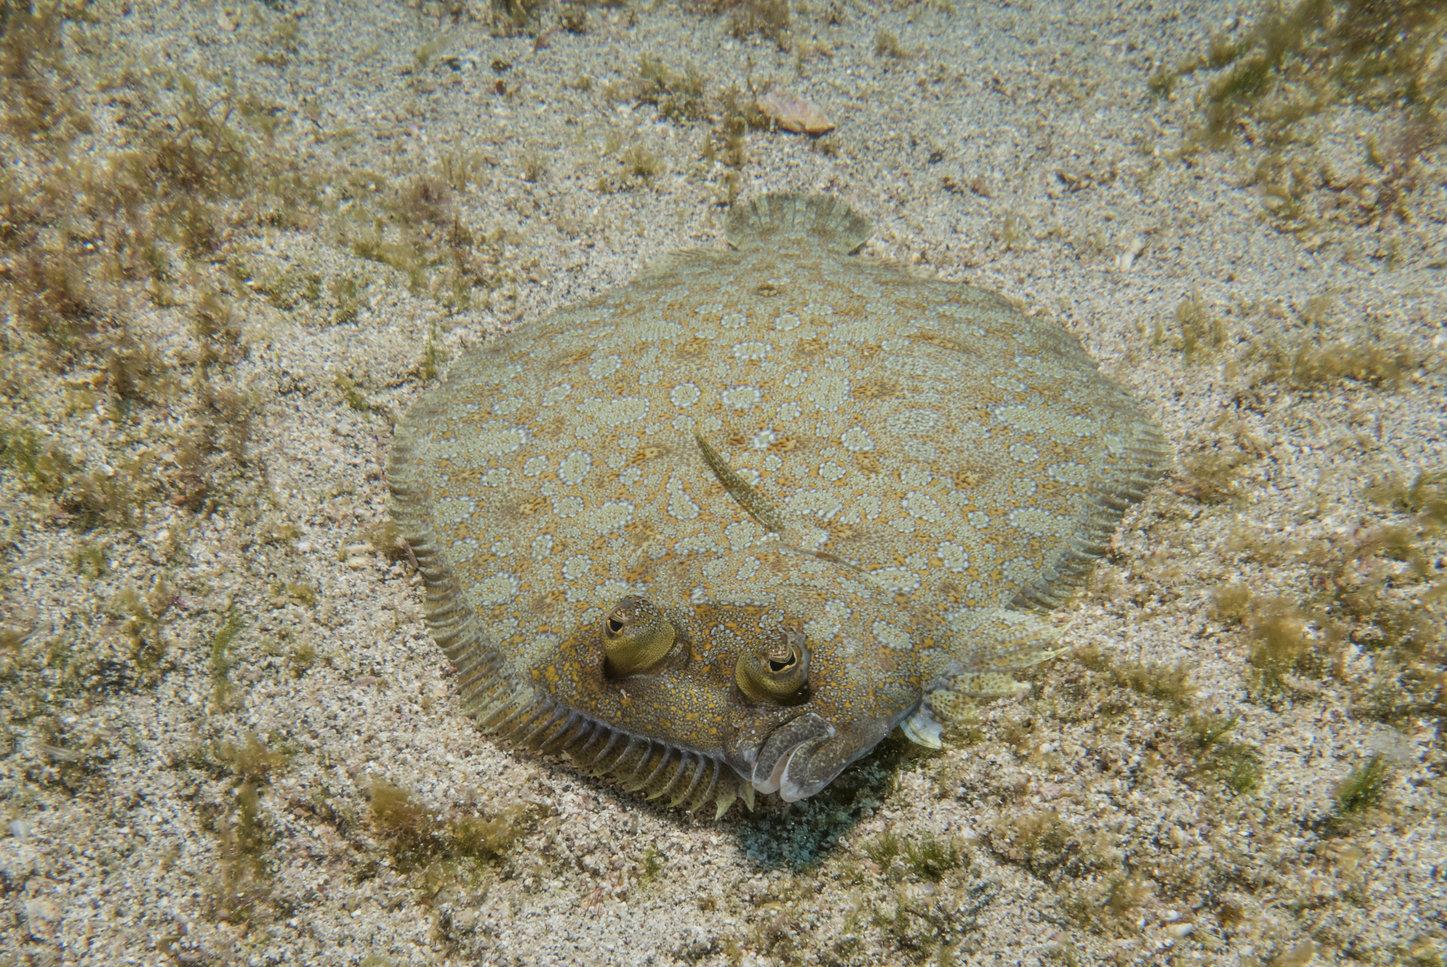 a flounder on the ocean floor